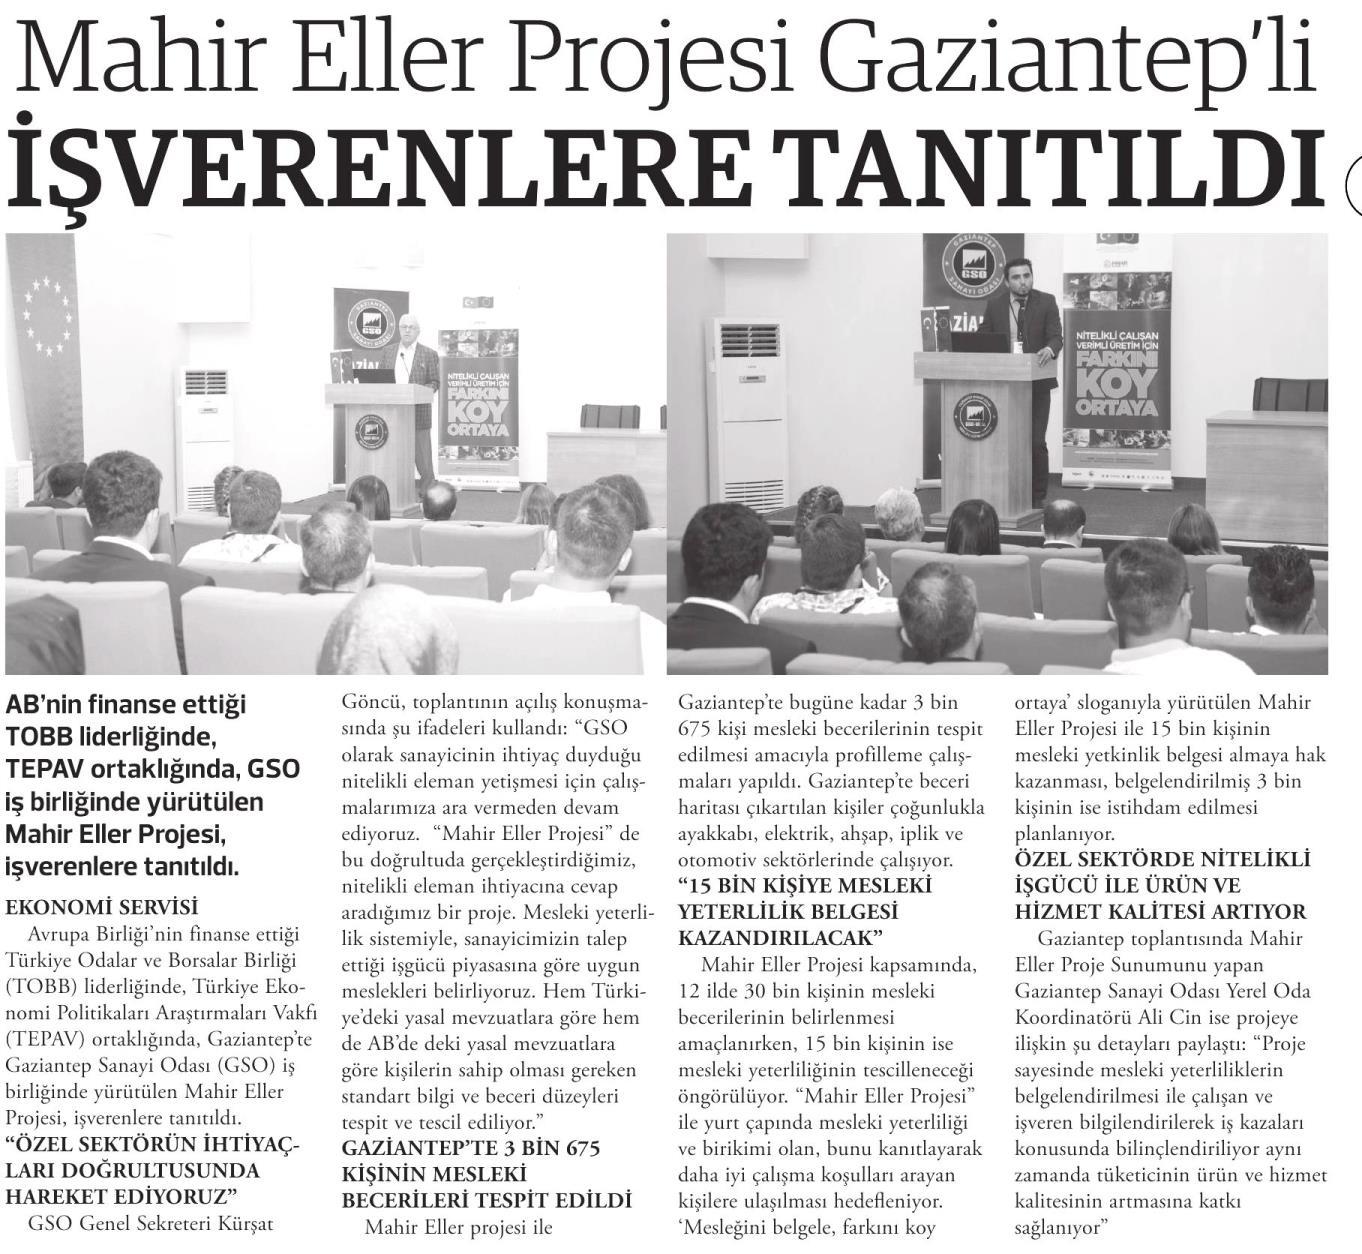 Mahir Eller Projesi Gaziantepli İşverenlere Tanıtıldı Doğru Haber [İstanbul]